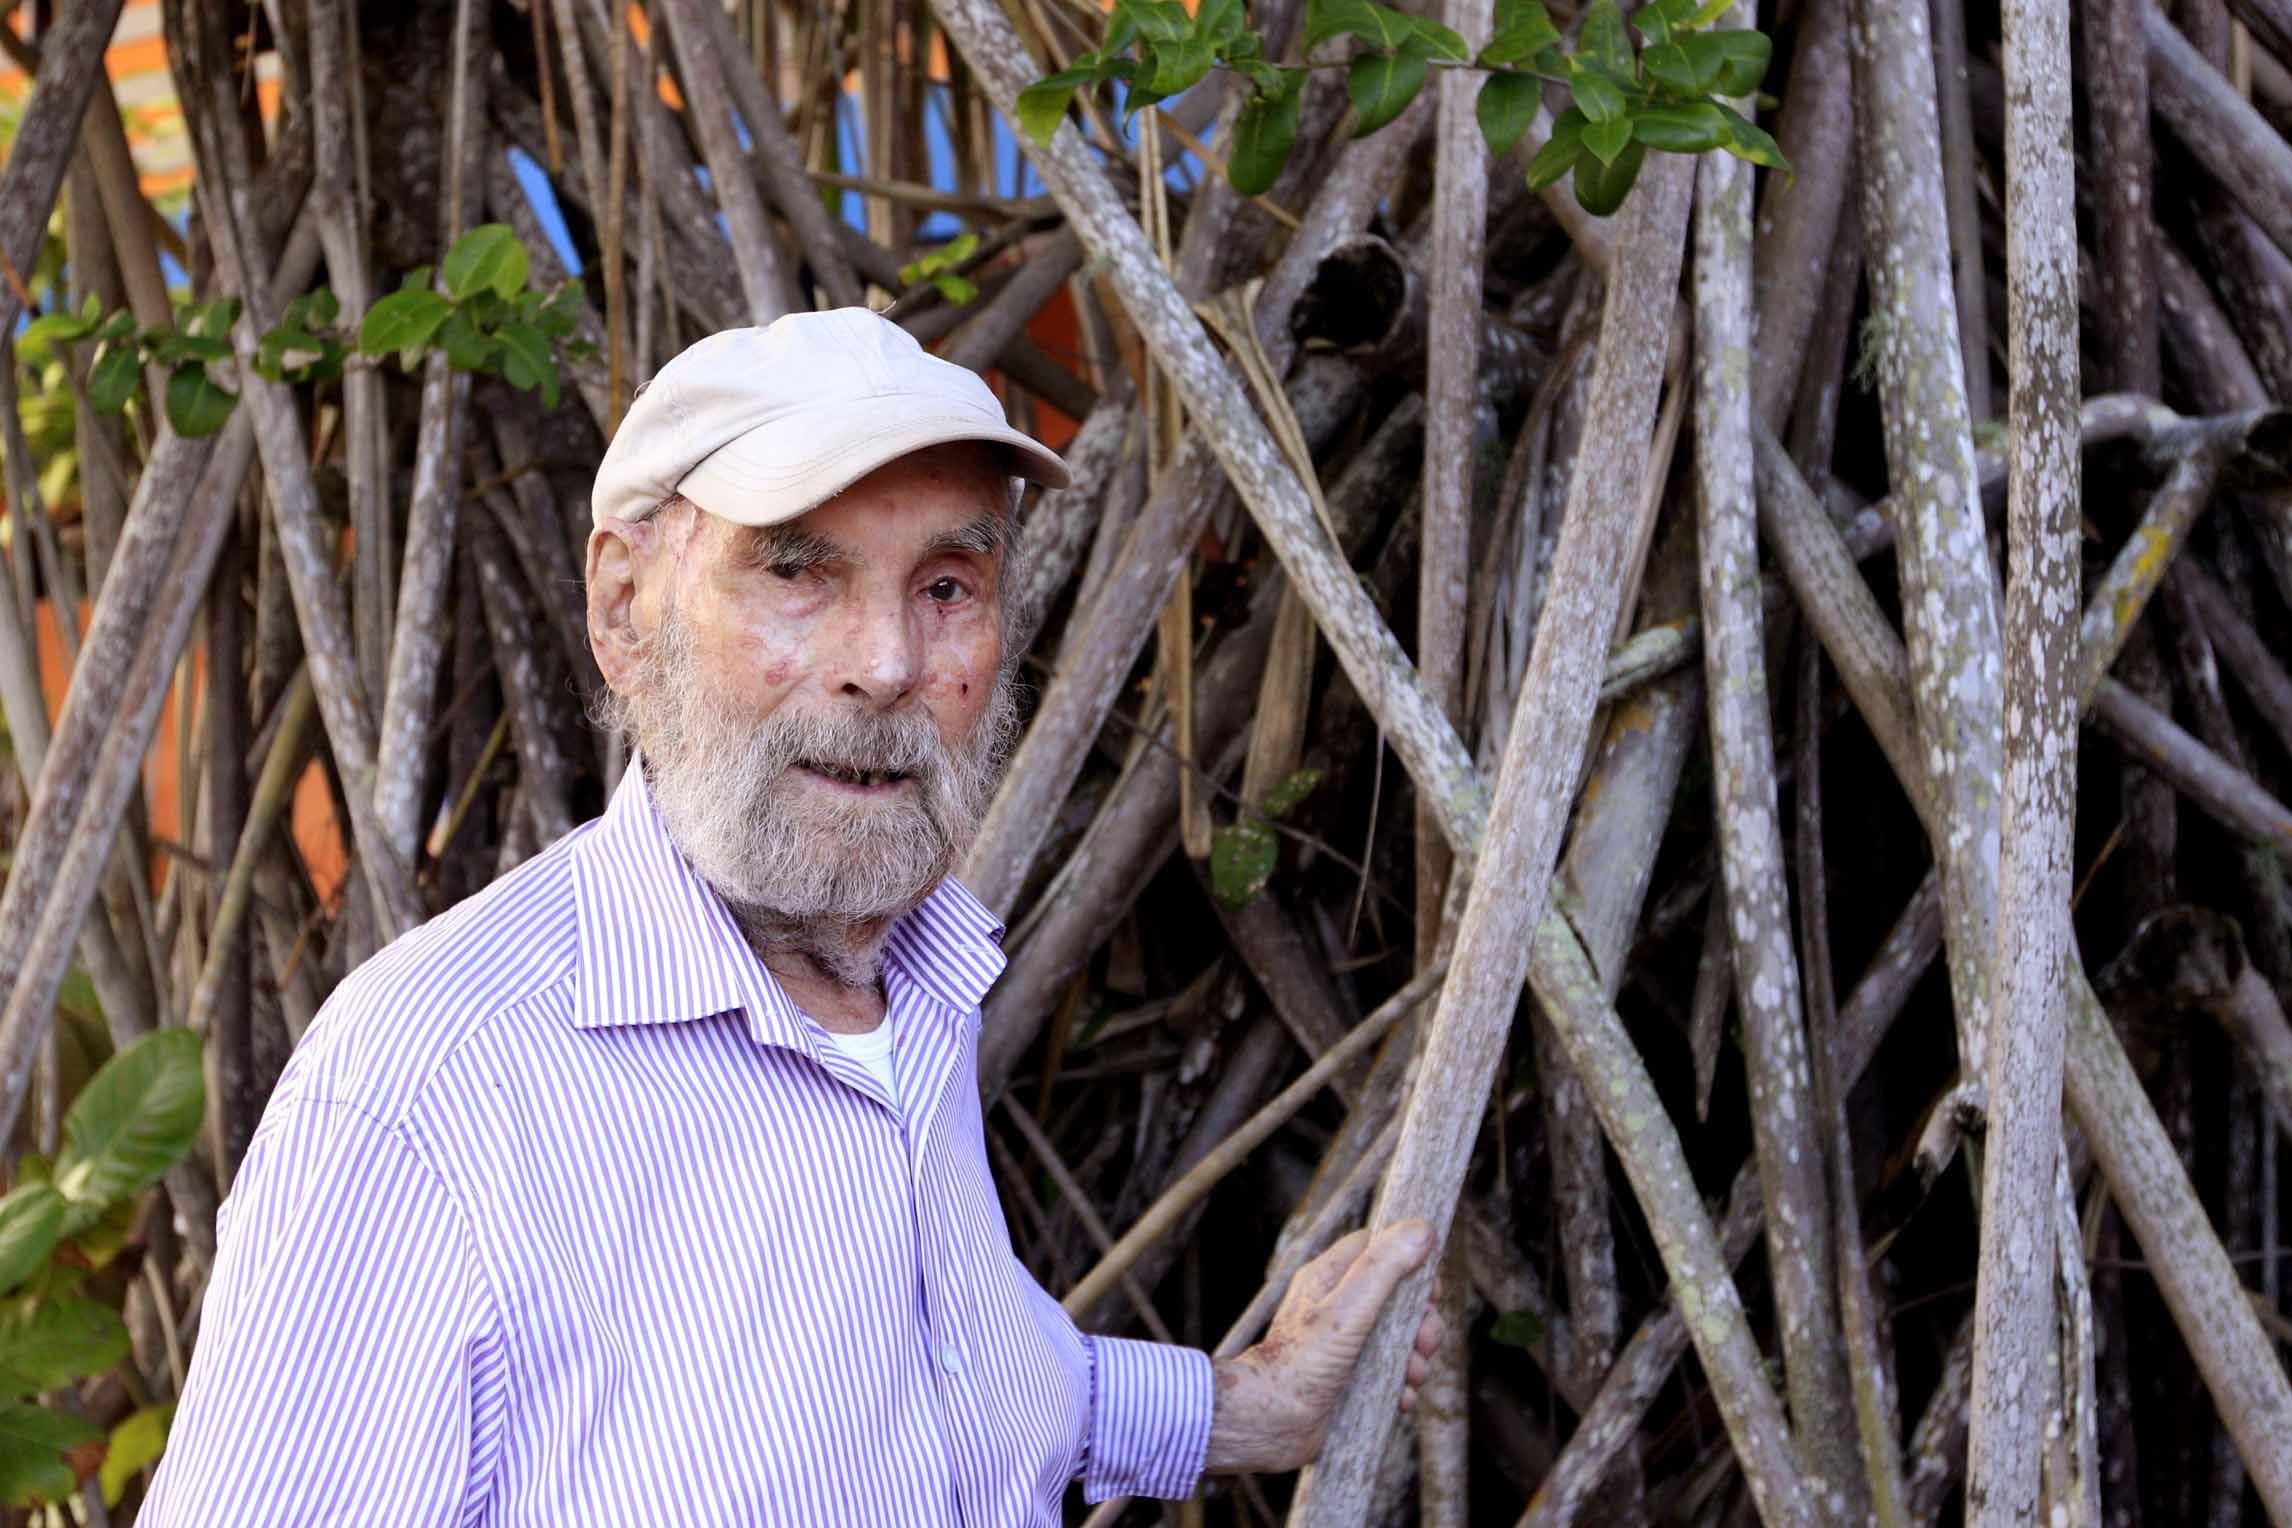 Frans Krajcberg, artista plástico, morre aos 96 anos no Rio